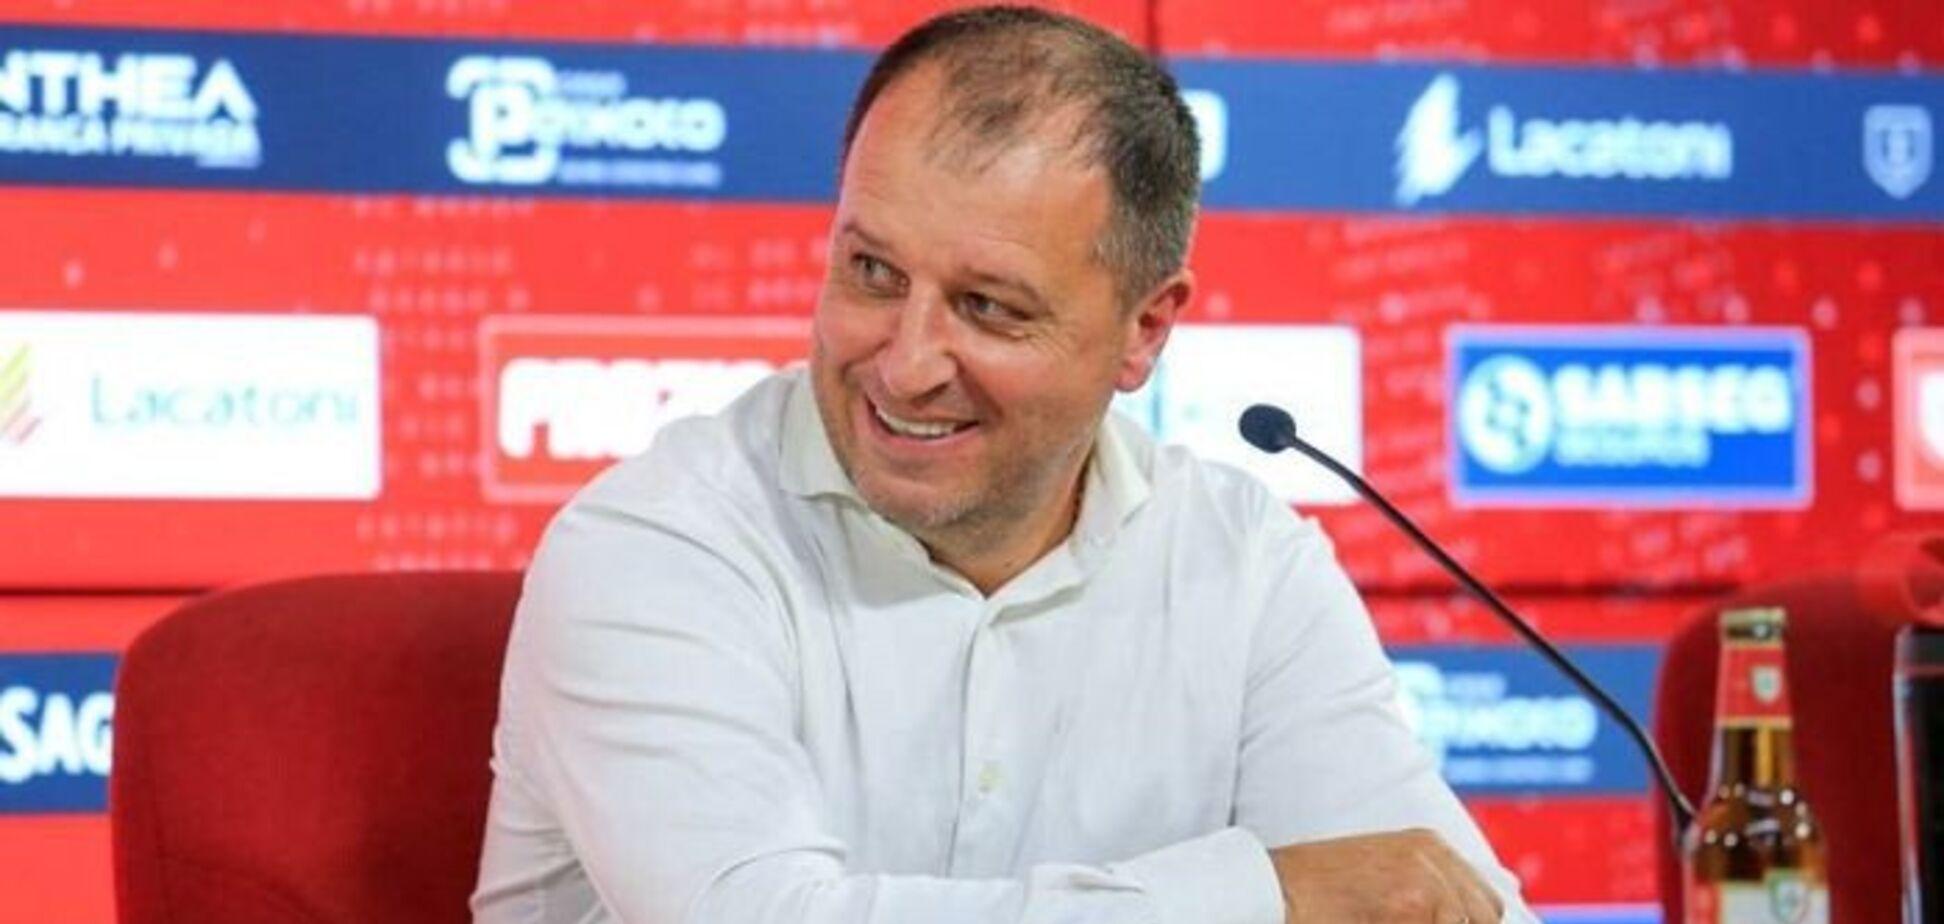 Названо ще двох кандидатів на пост тренера 'Динамо'